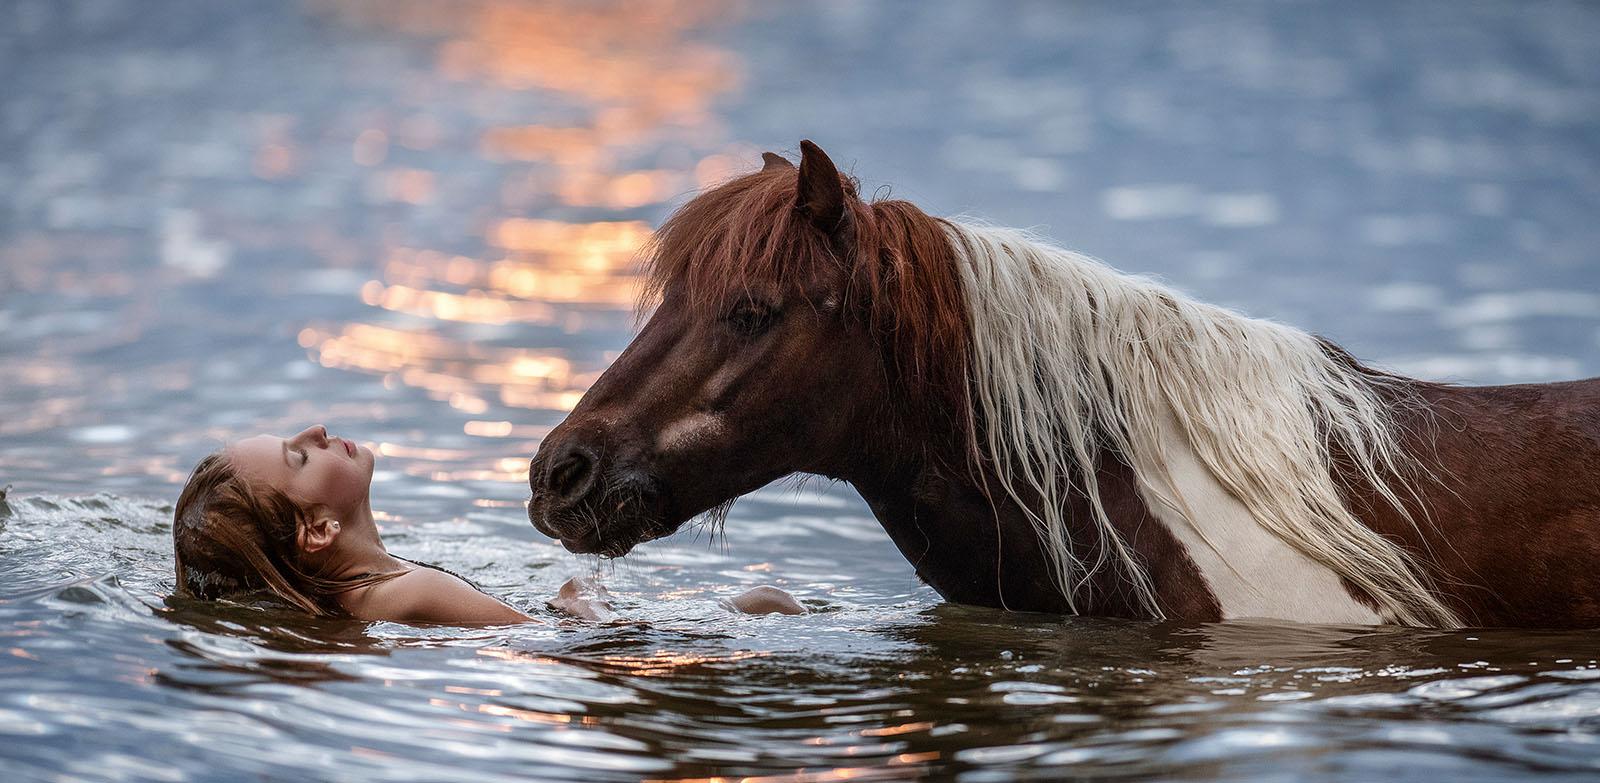 Fotoshooting mit Pferd im Wasser bei Sonnenuntergang